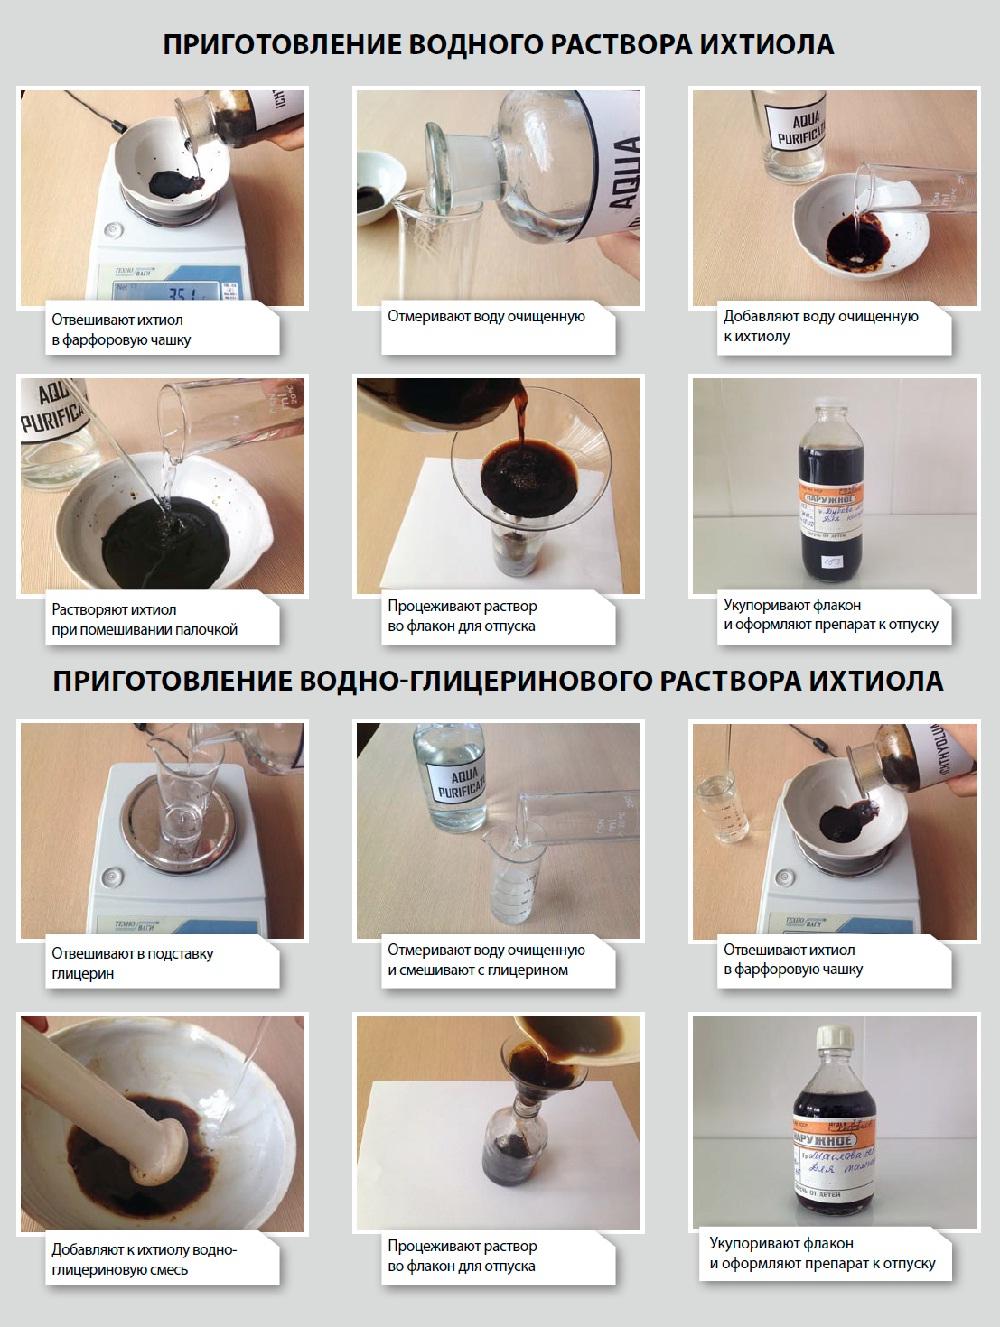 Ихтиол маз : инструкция за употреба | Компетентно за здравето на Крем Move&Flex в България